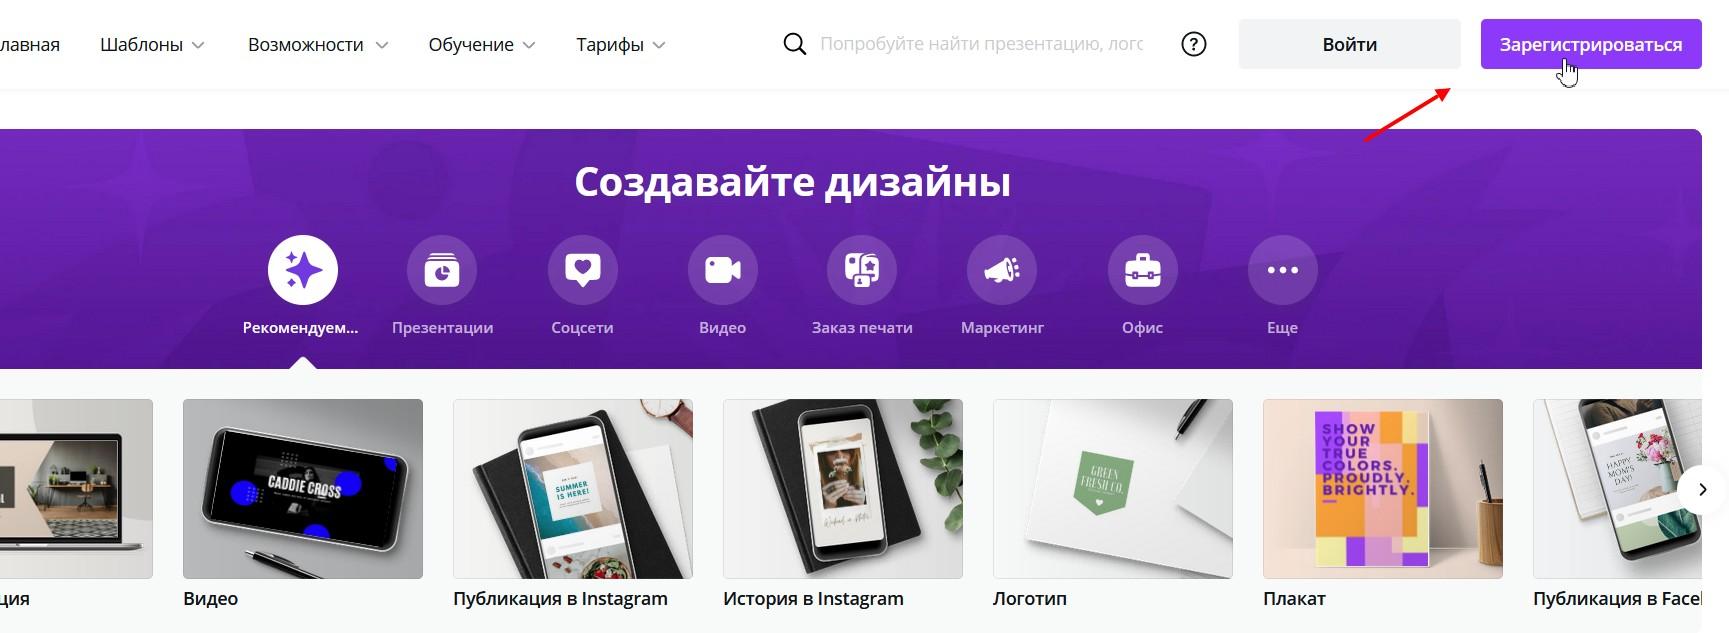 Cnava.com на русском онлайн